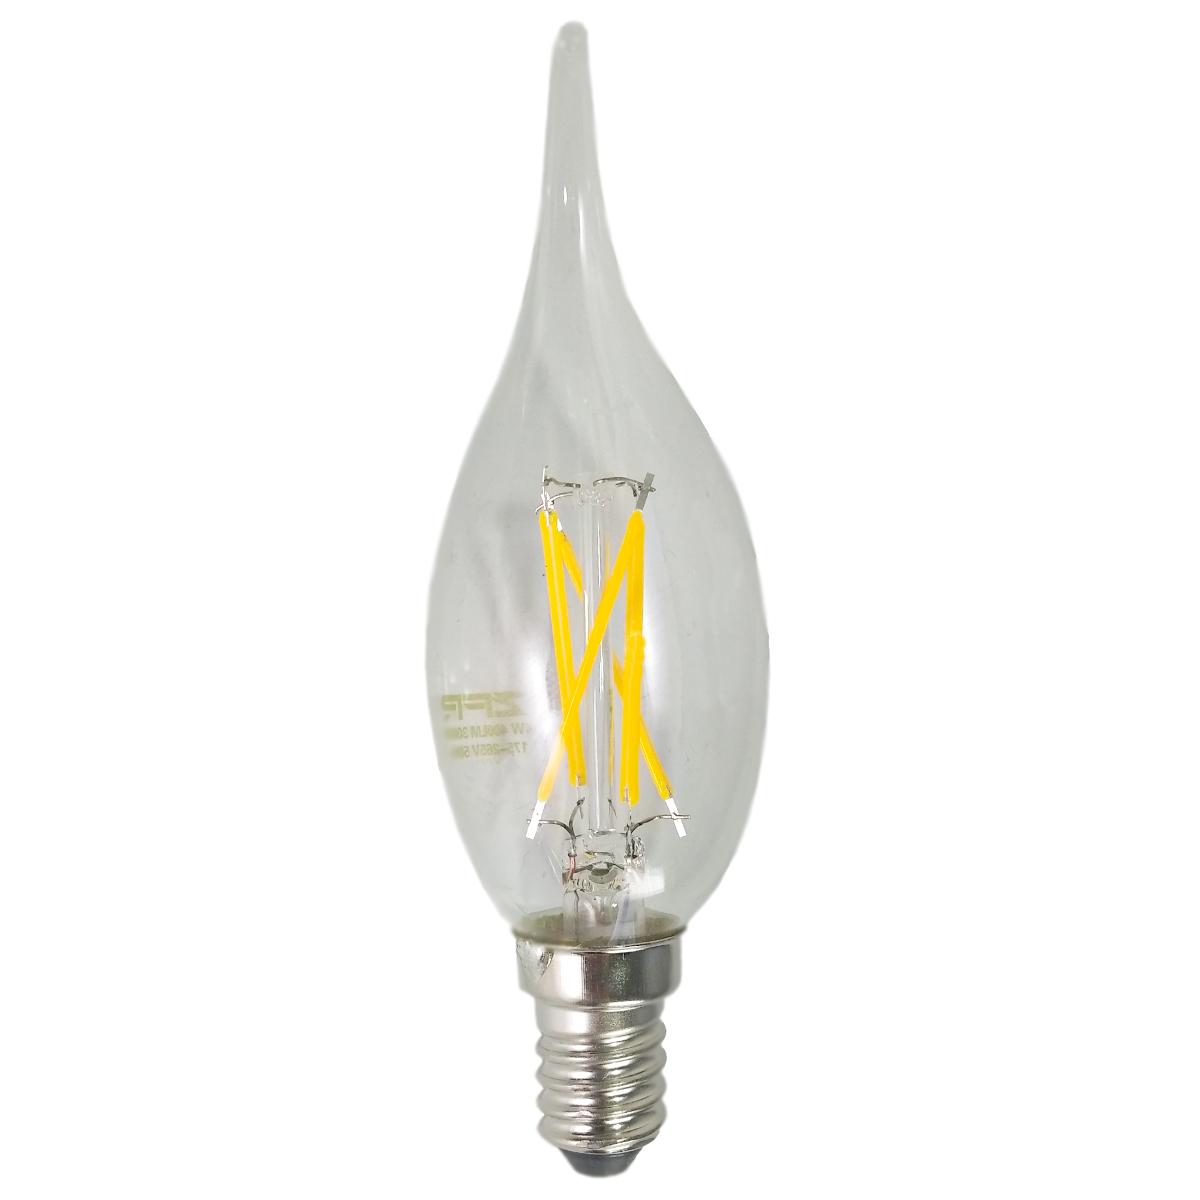 لامپ فیلامنت 4 وات زد اف آر مدل شمعی پایه E14